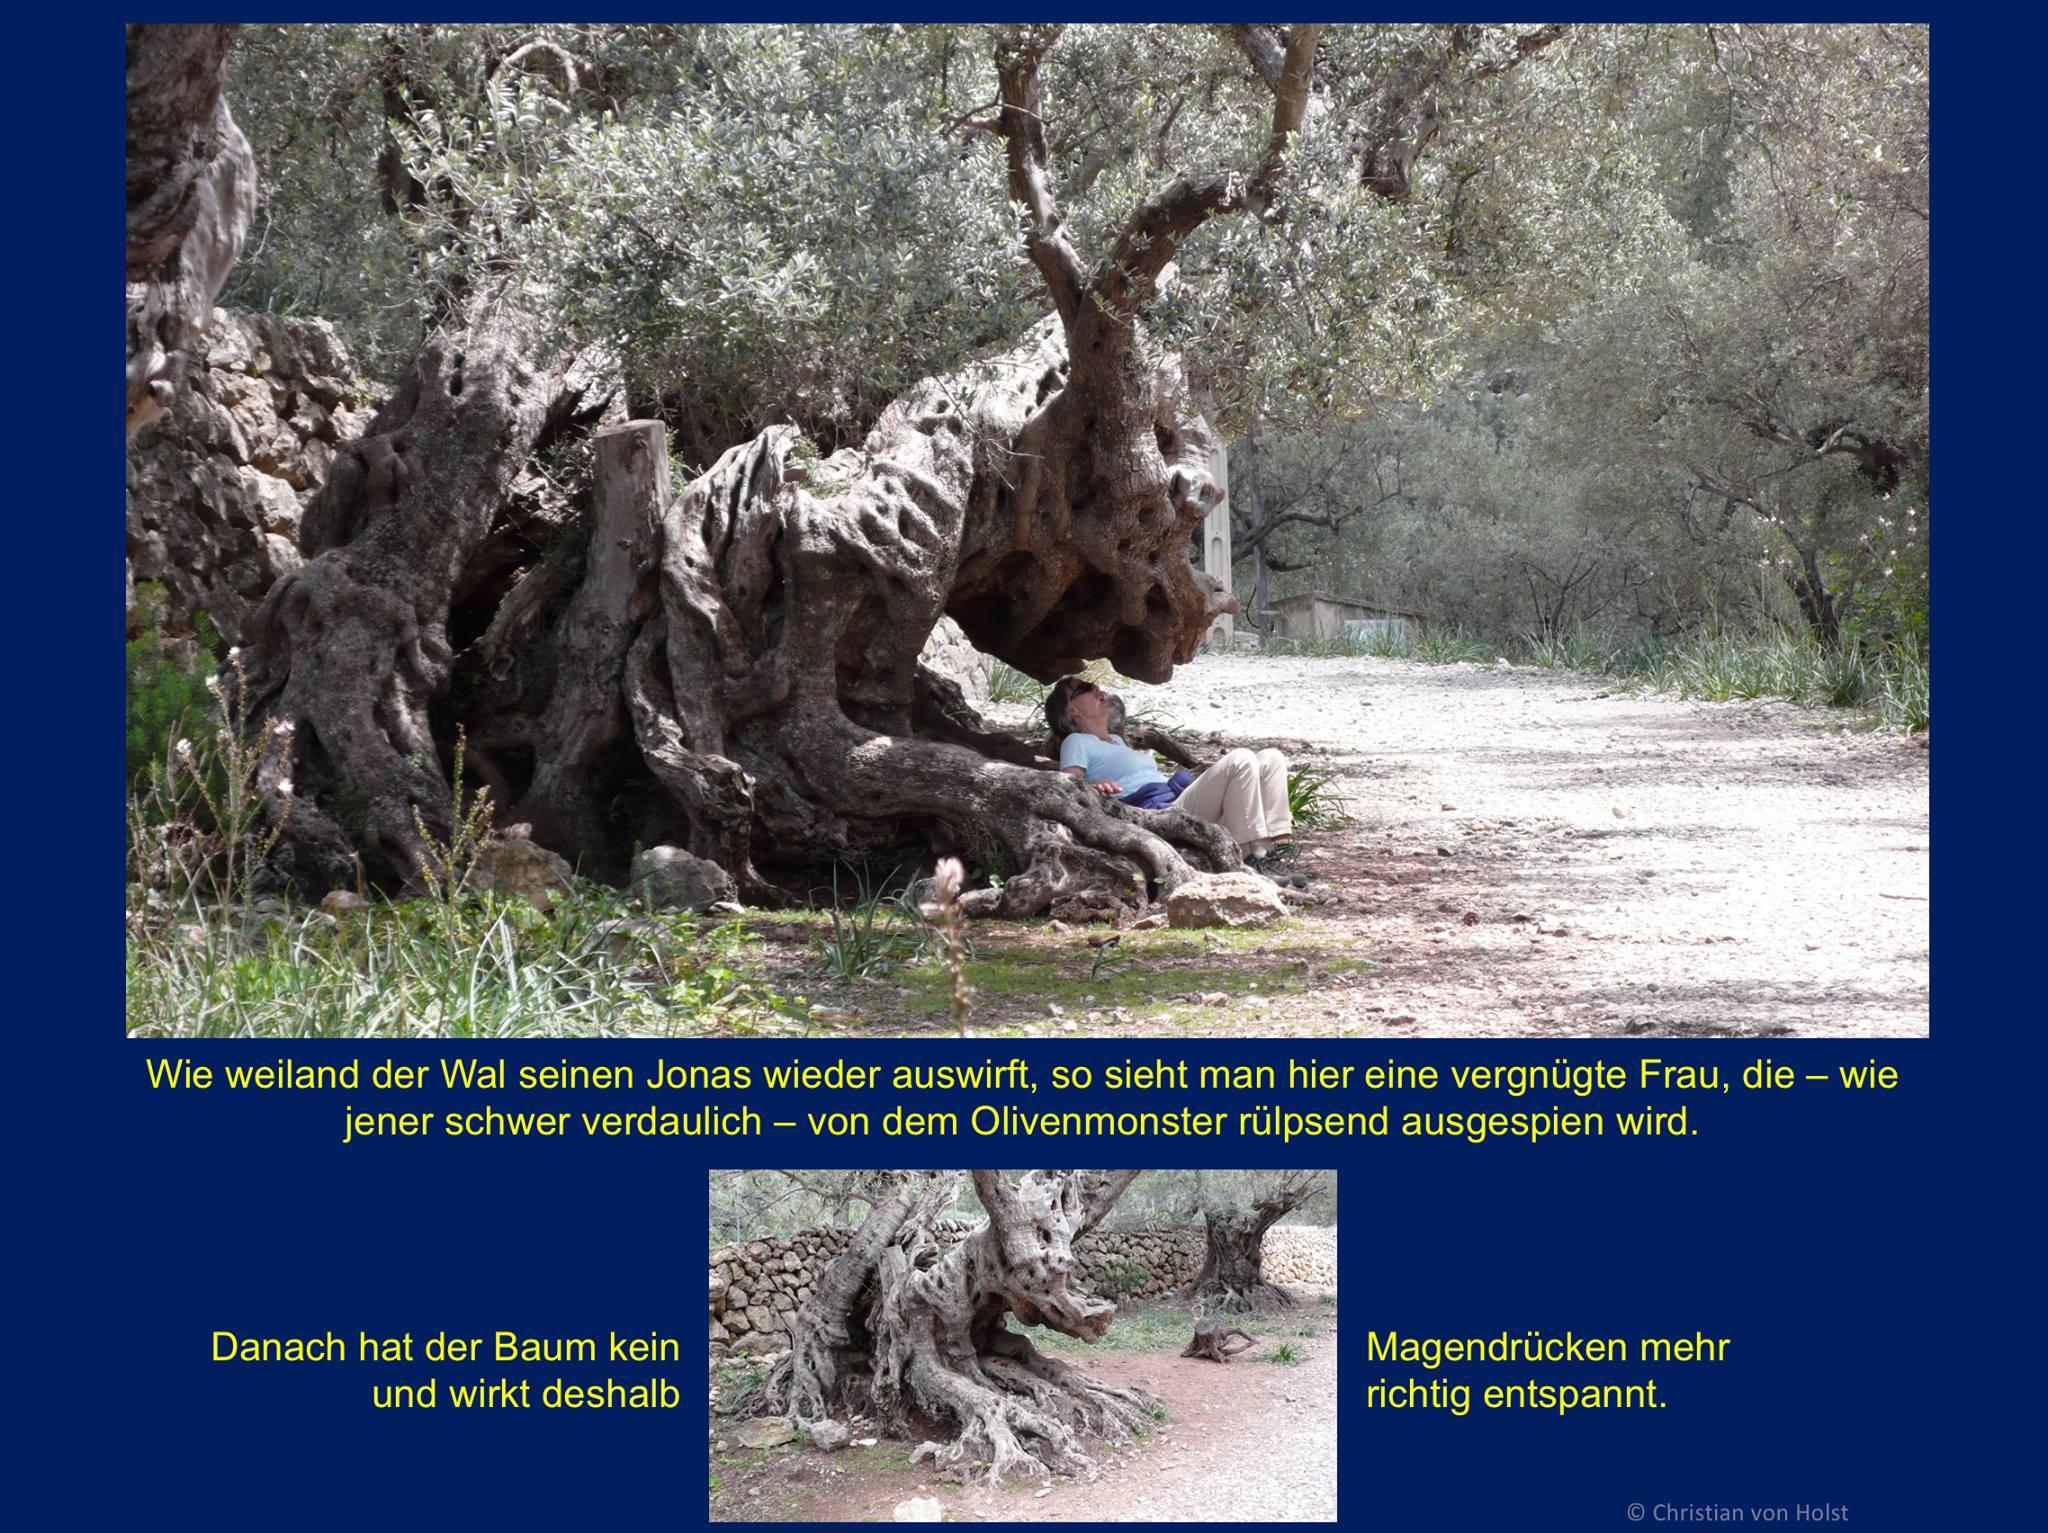 Olivenbaum, Jahrhunderte alt, speit ähnlich wie der Wal eine Frau aus